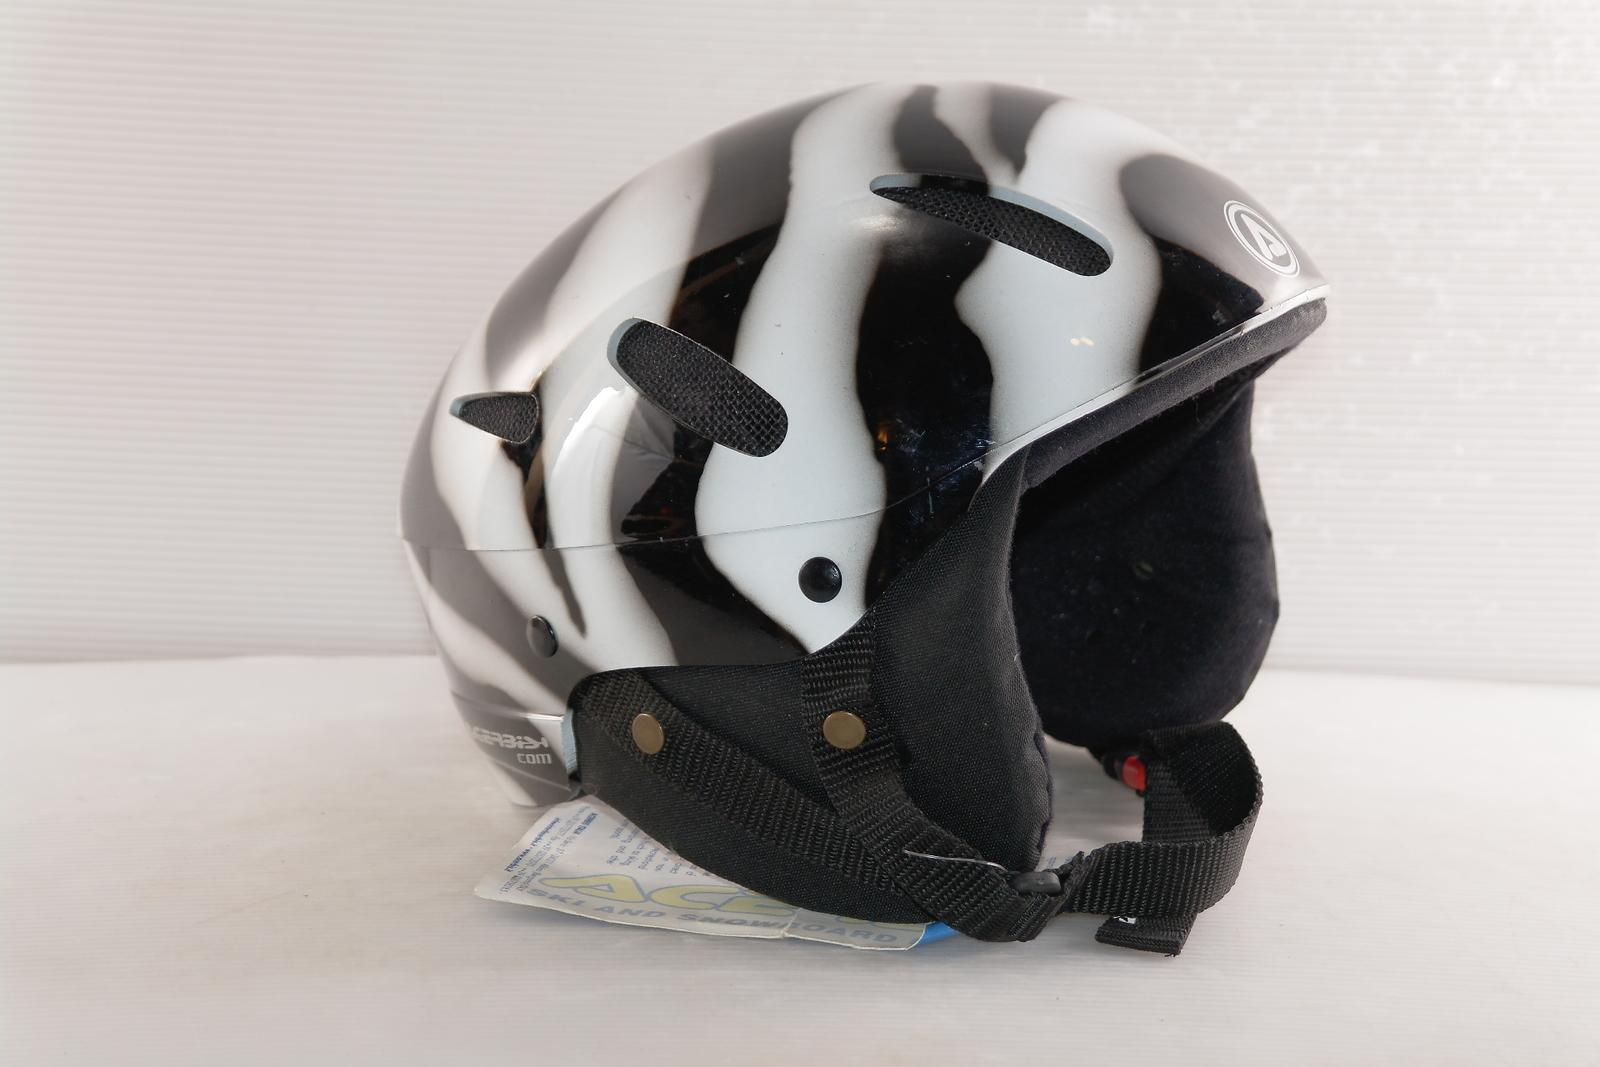 Dámská lyžařská helma Acerbis Zebra vel. 58